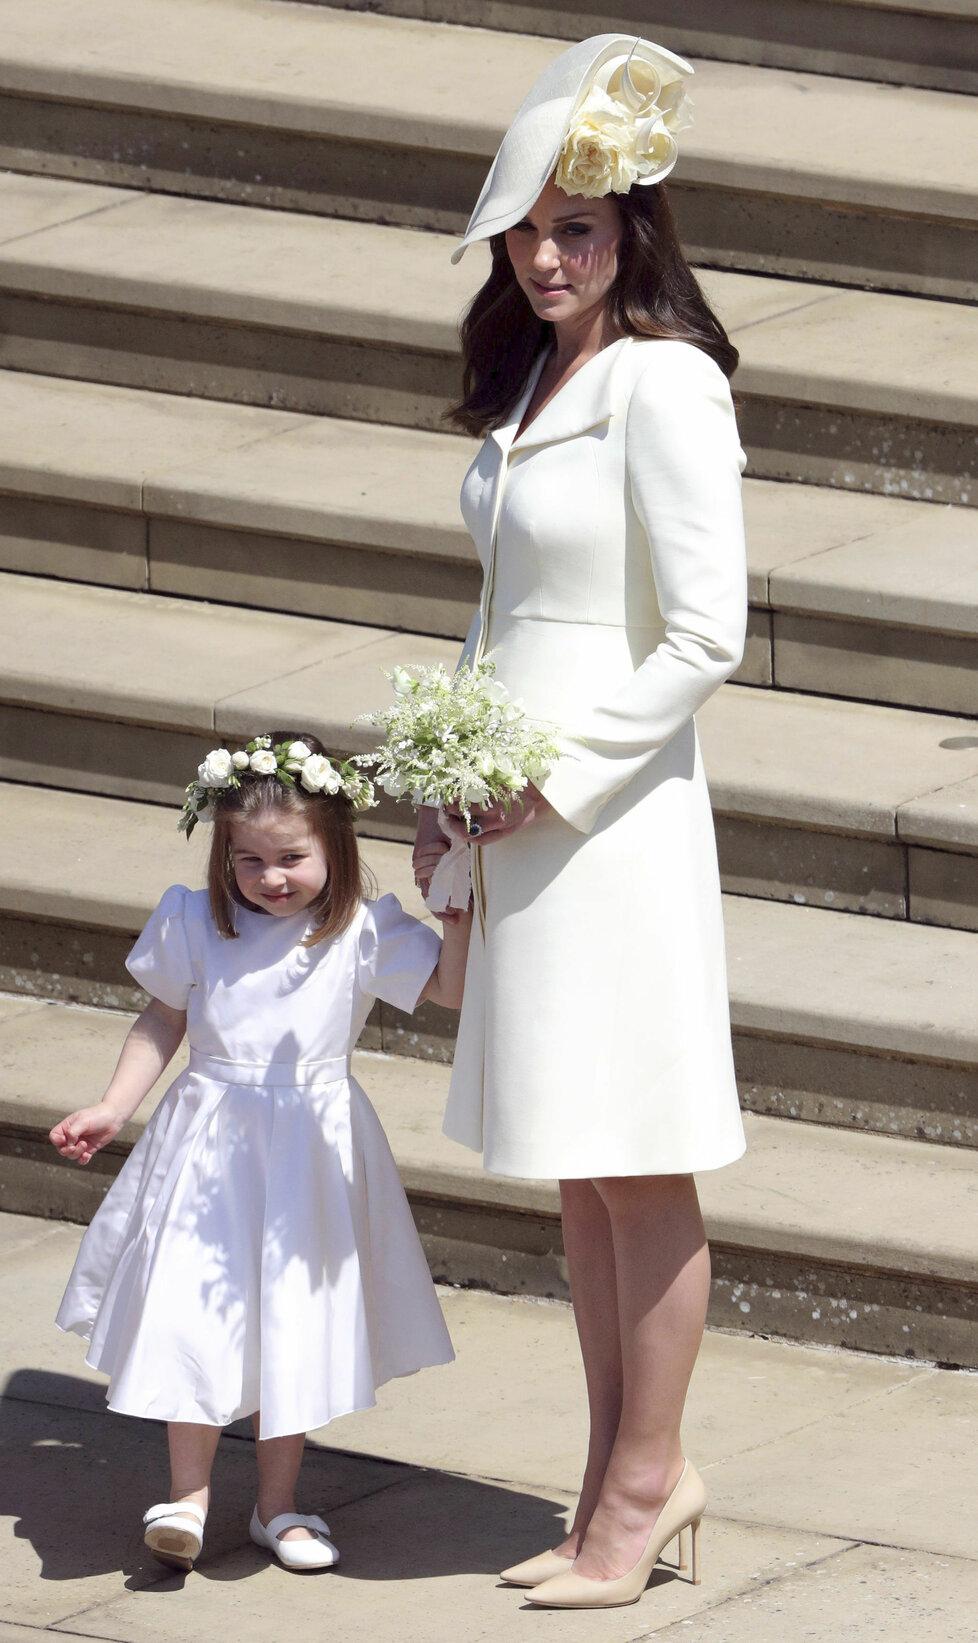 Vévodkyně Kate s dcerou Charlottou: Rodinná etuda